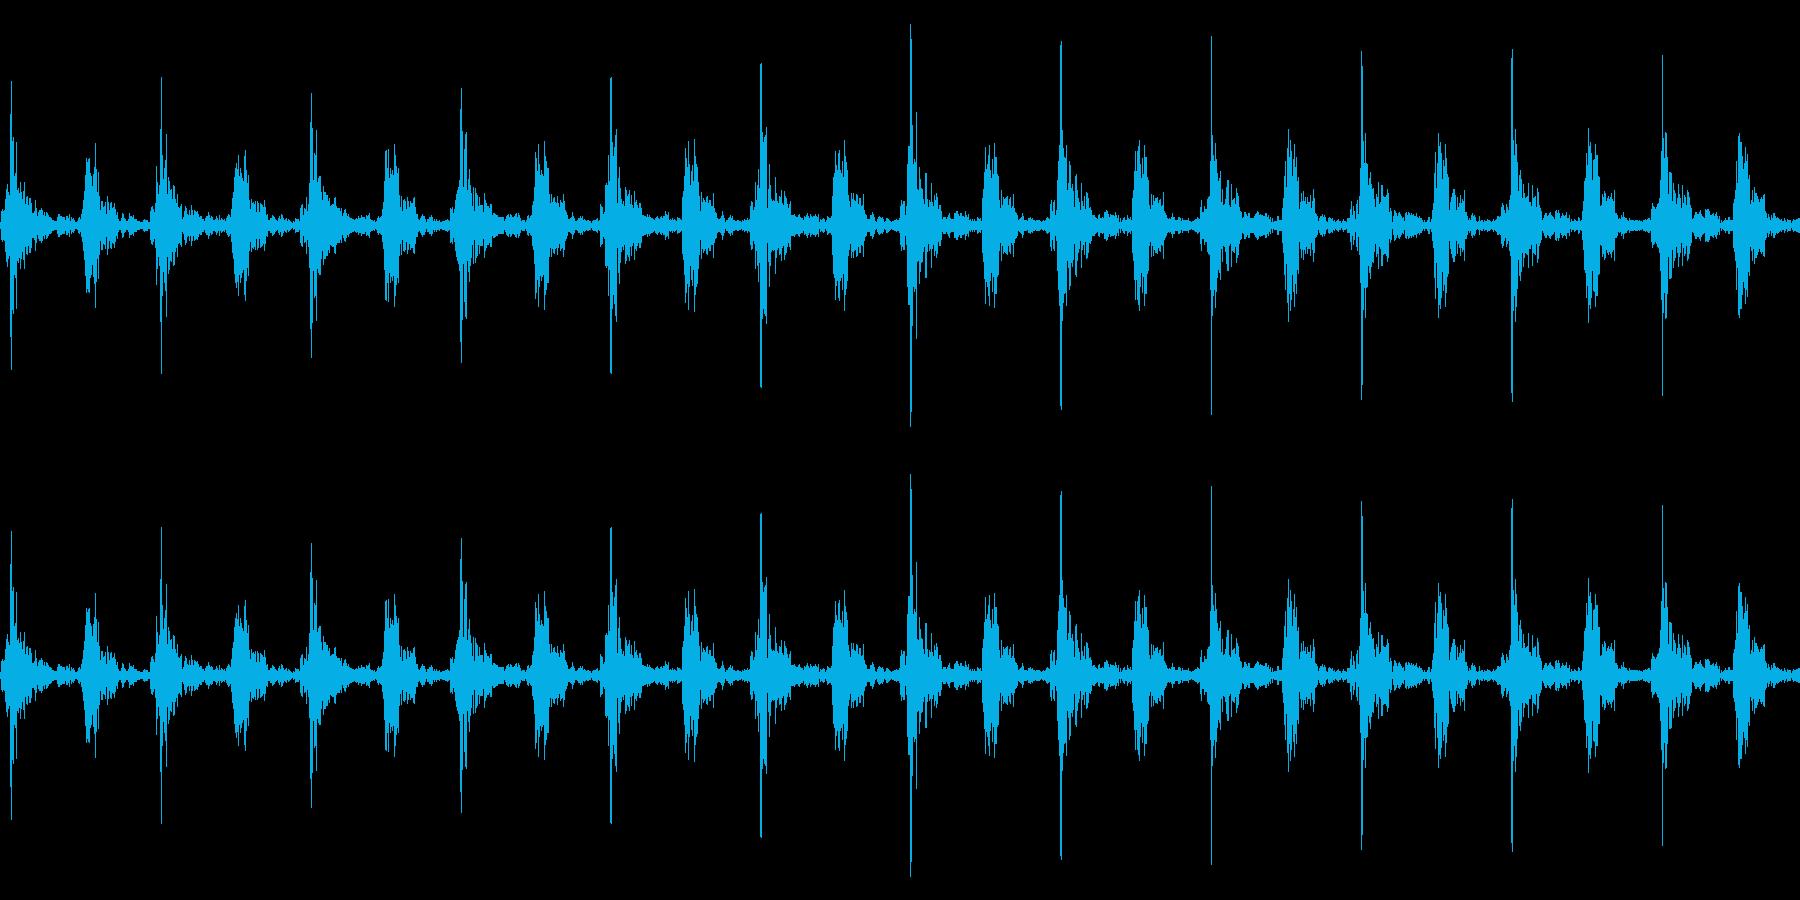 車のワイパーの動作音/連続/速いの再生済みの波形